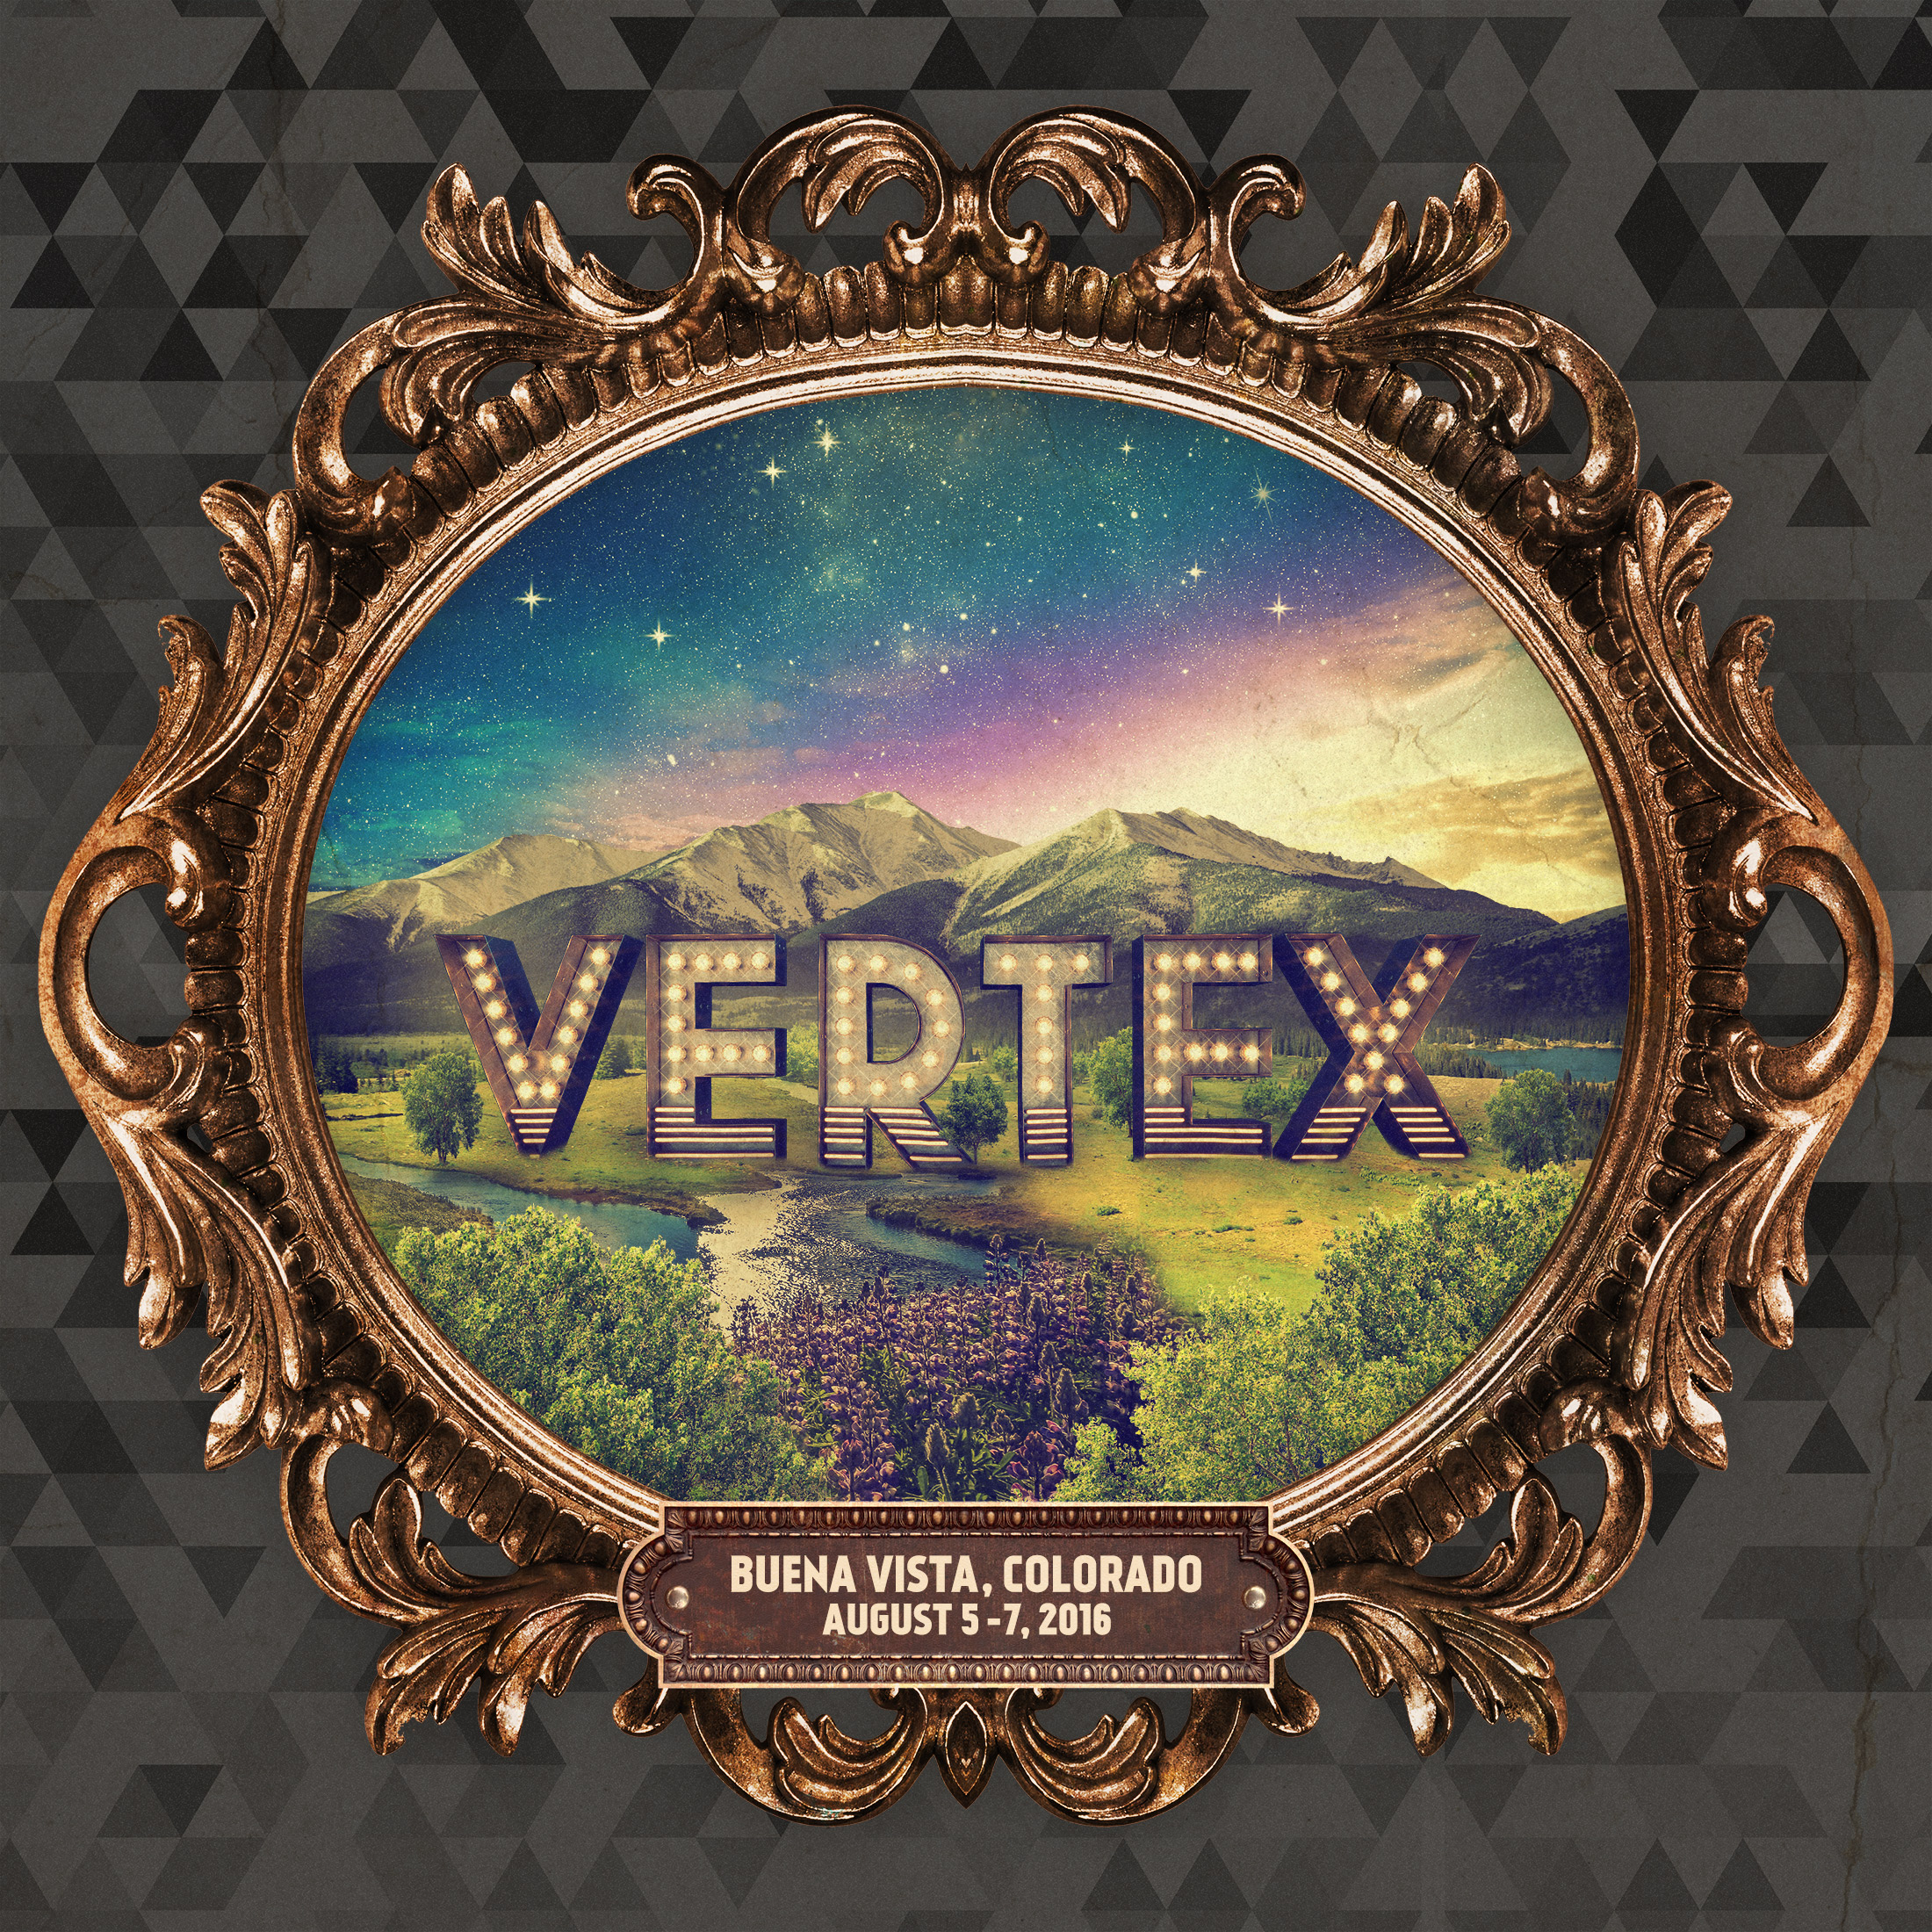 Vertex Festival 2016. Photo by: Vertex Festival